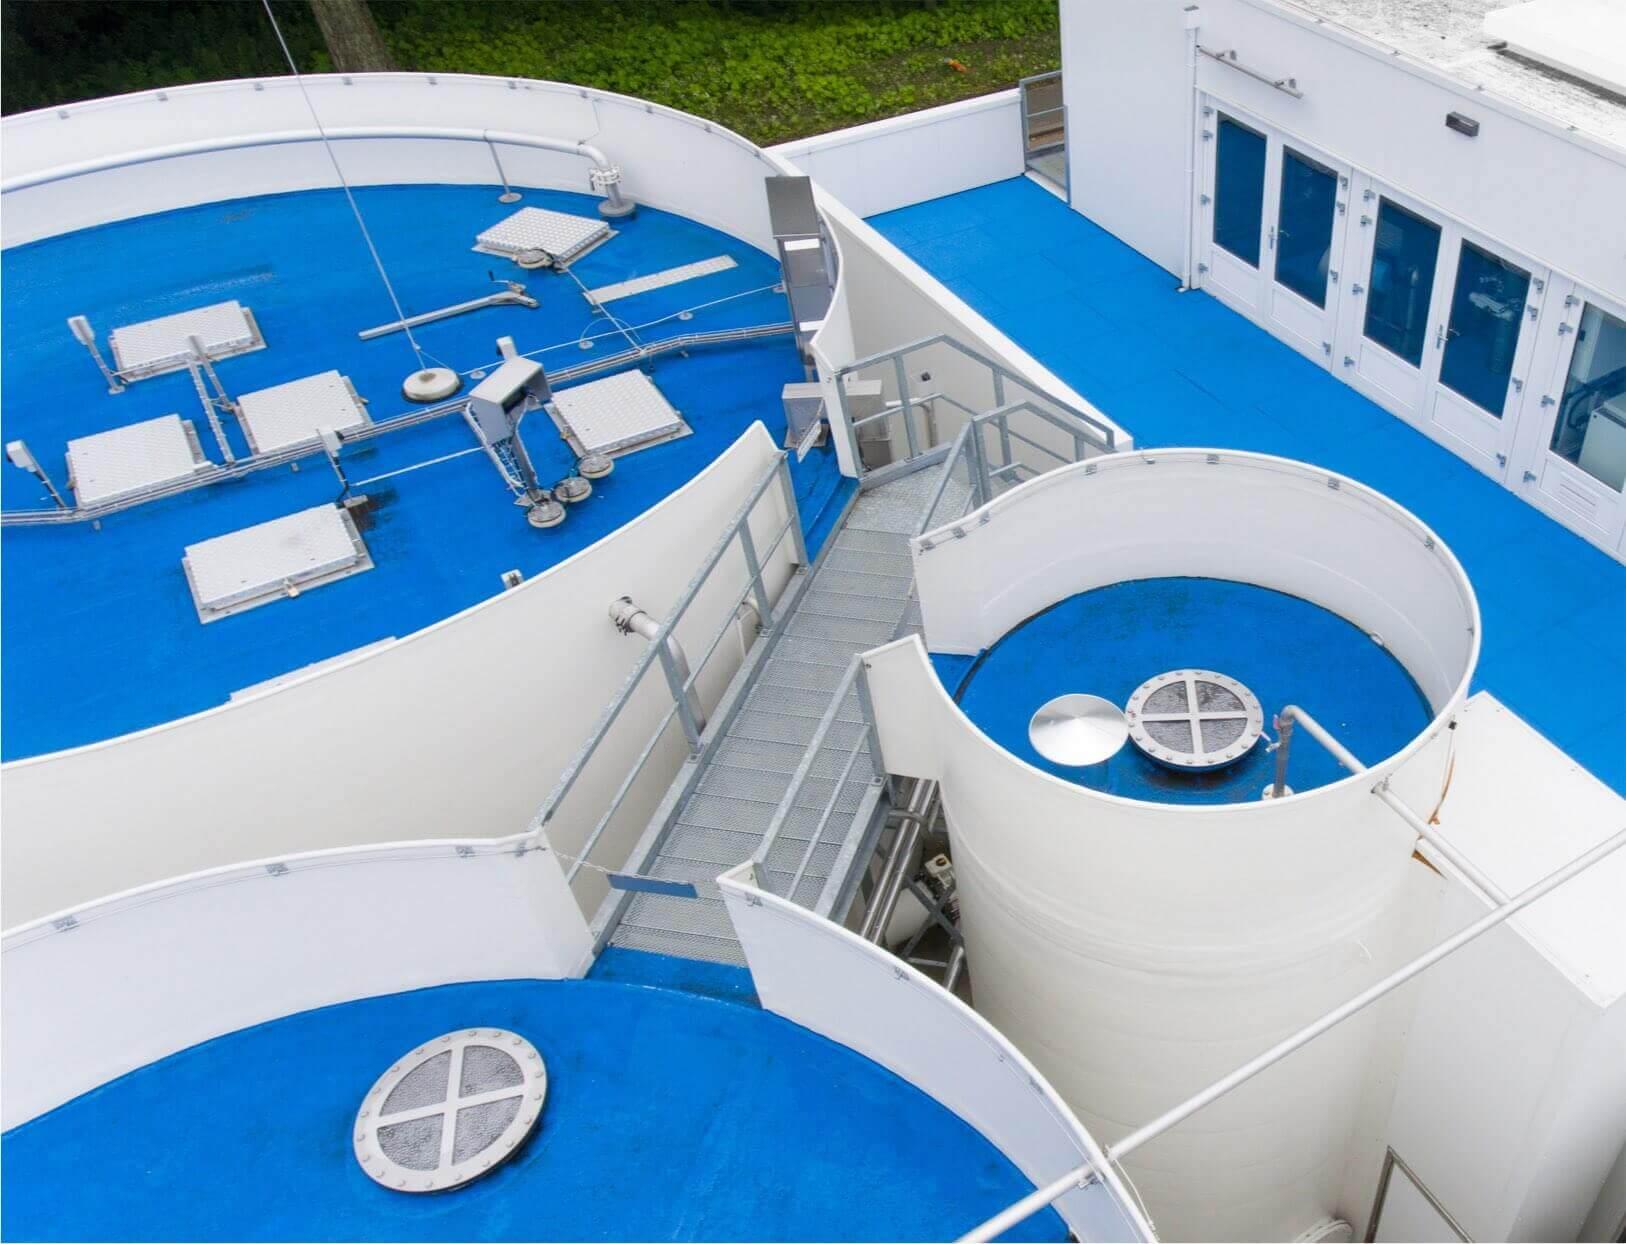 Pharmafilter installatie foto van het blauwe dak